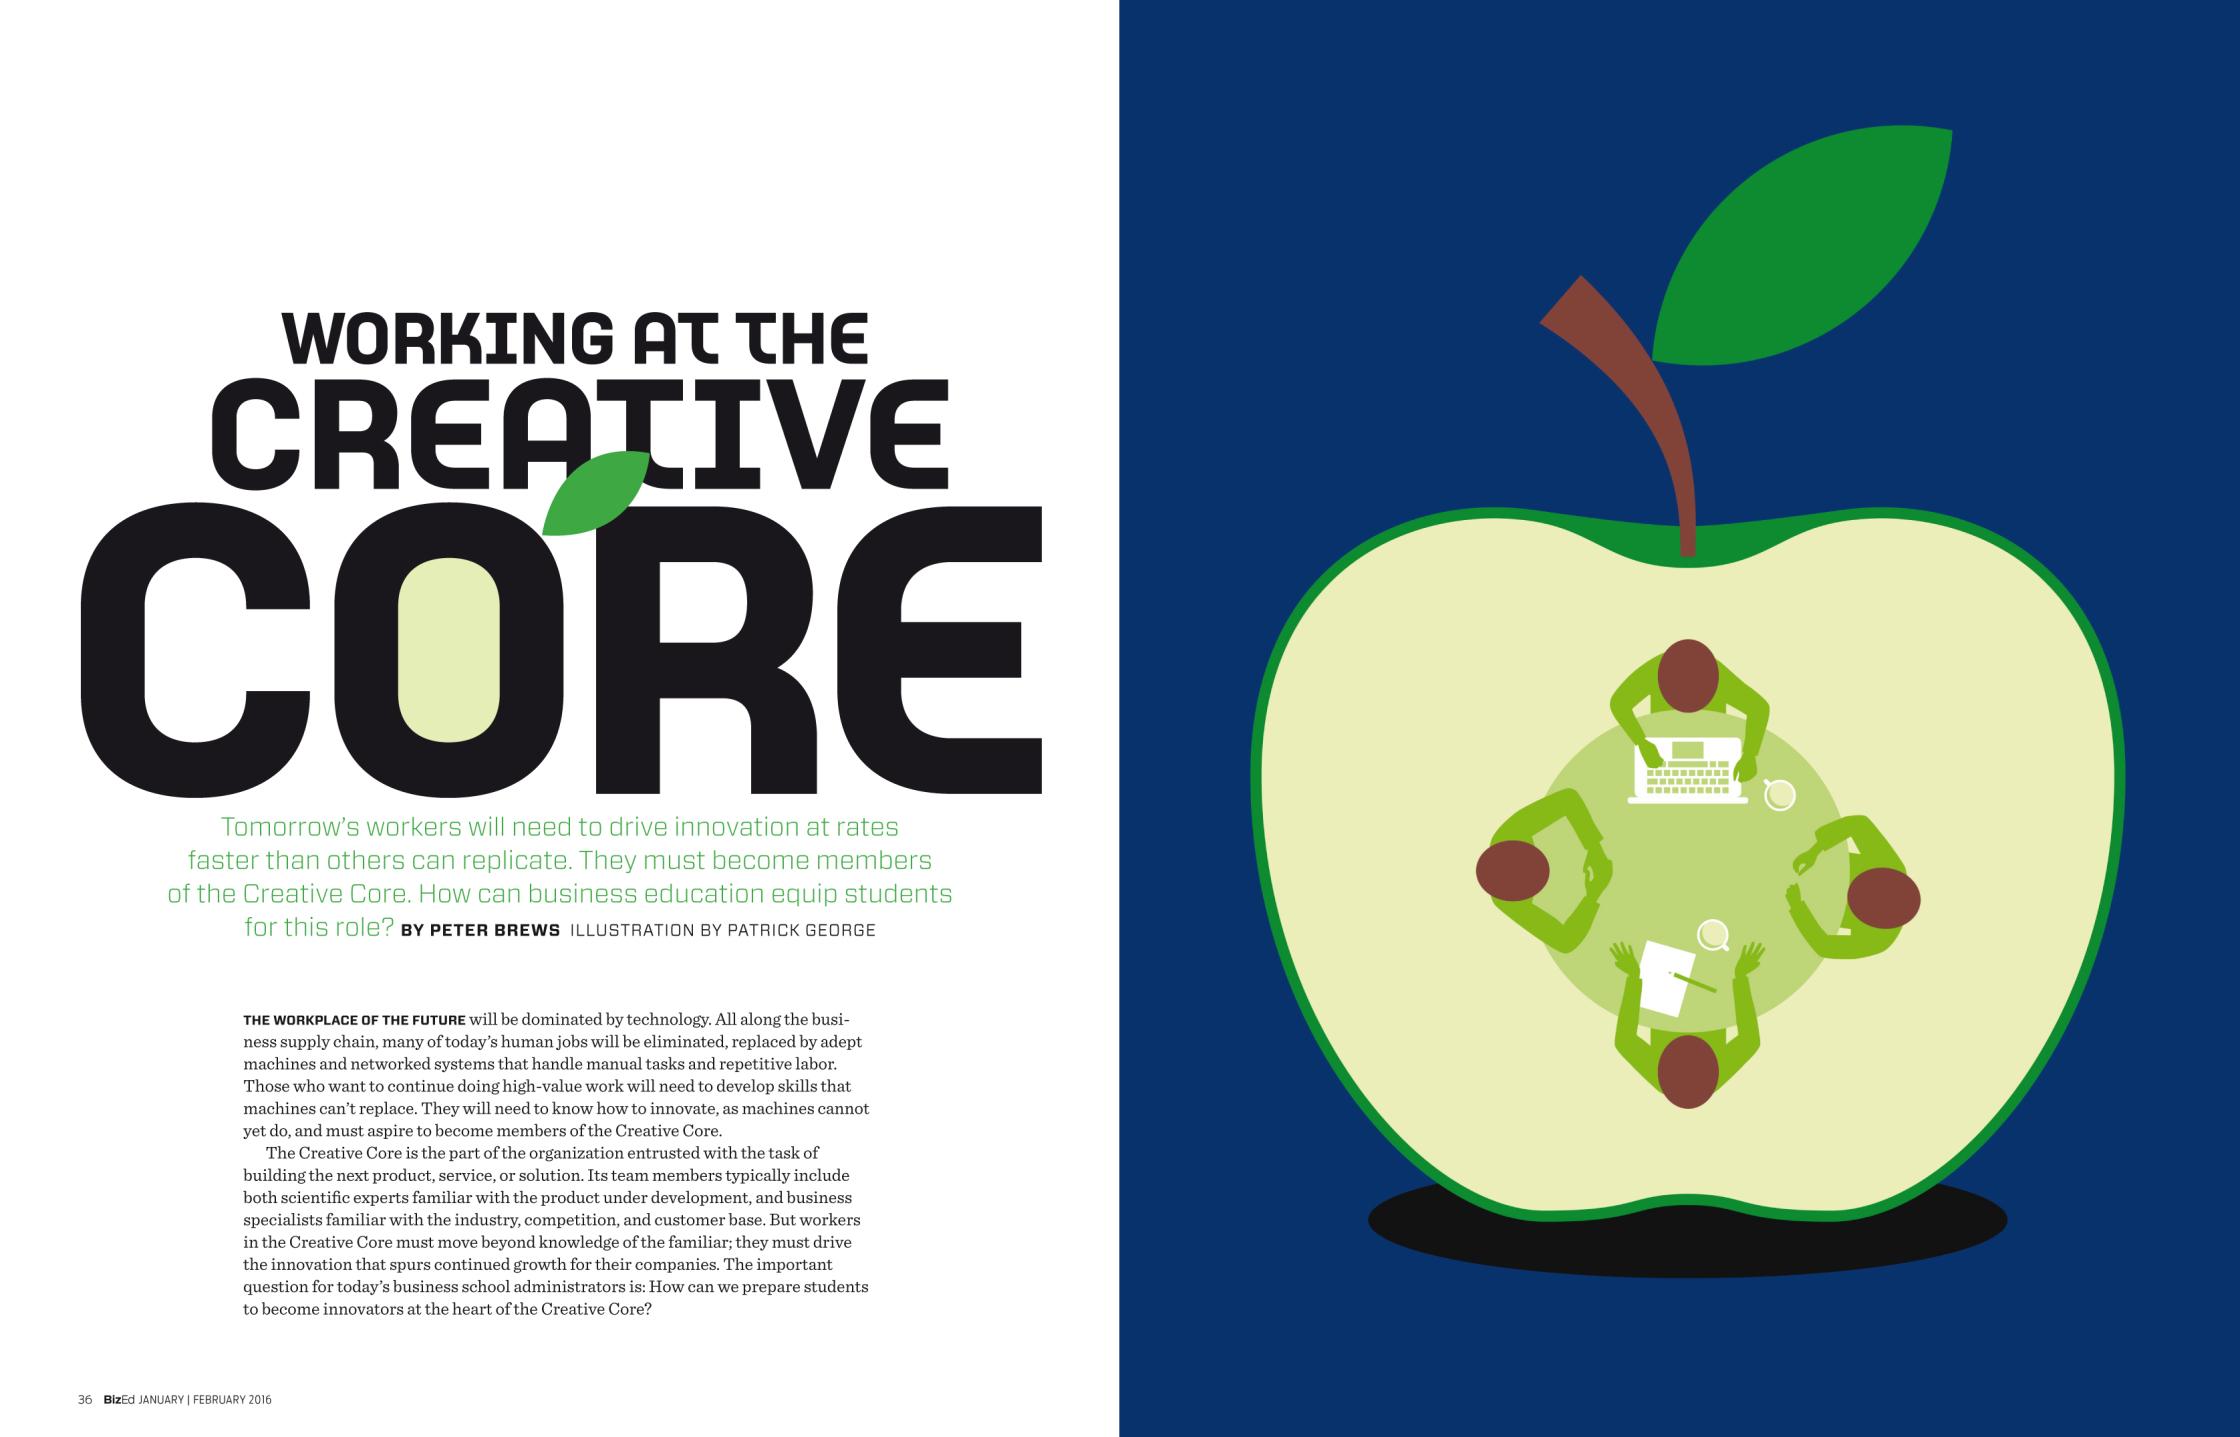 creative-core-biz-ed.jpg